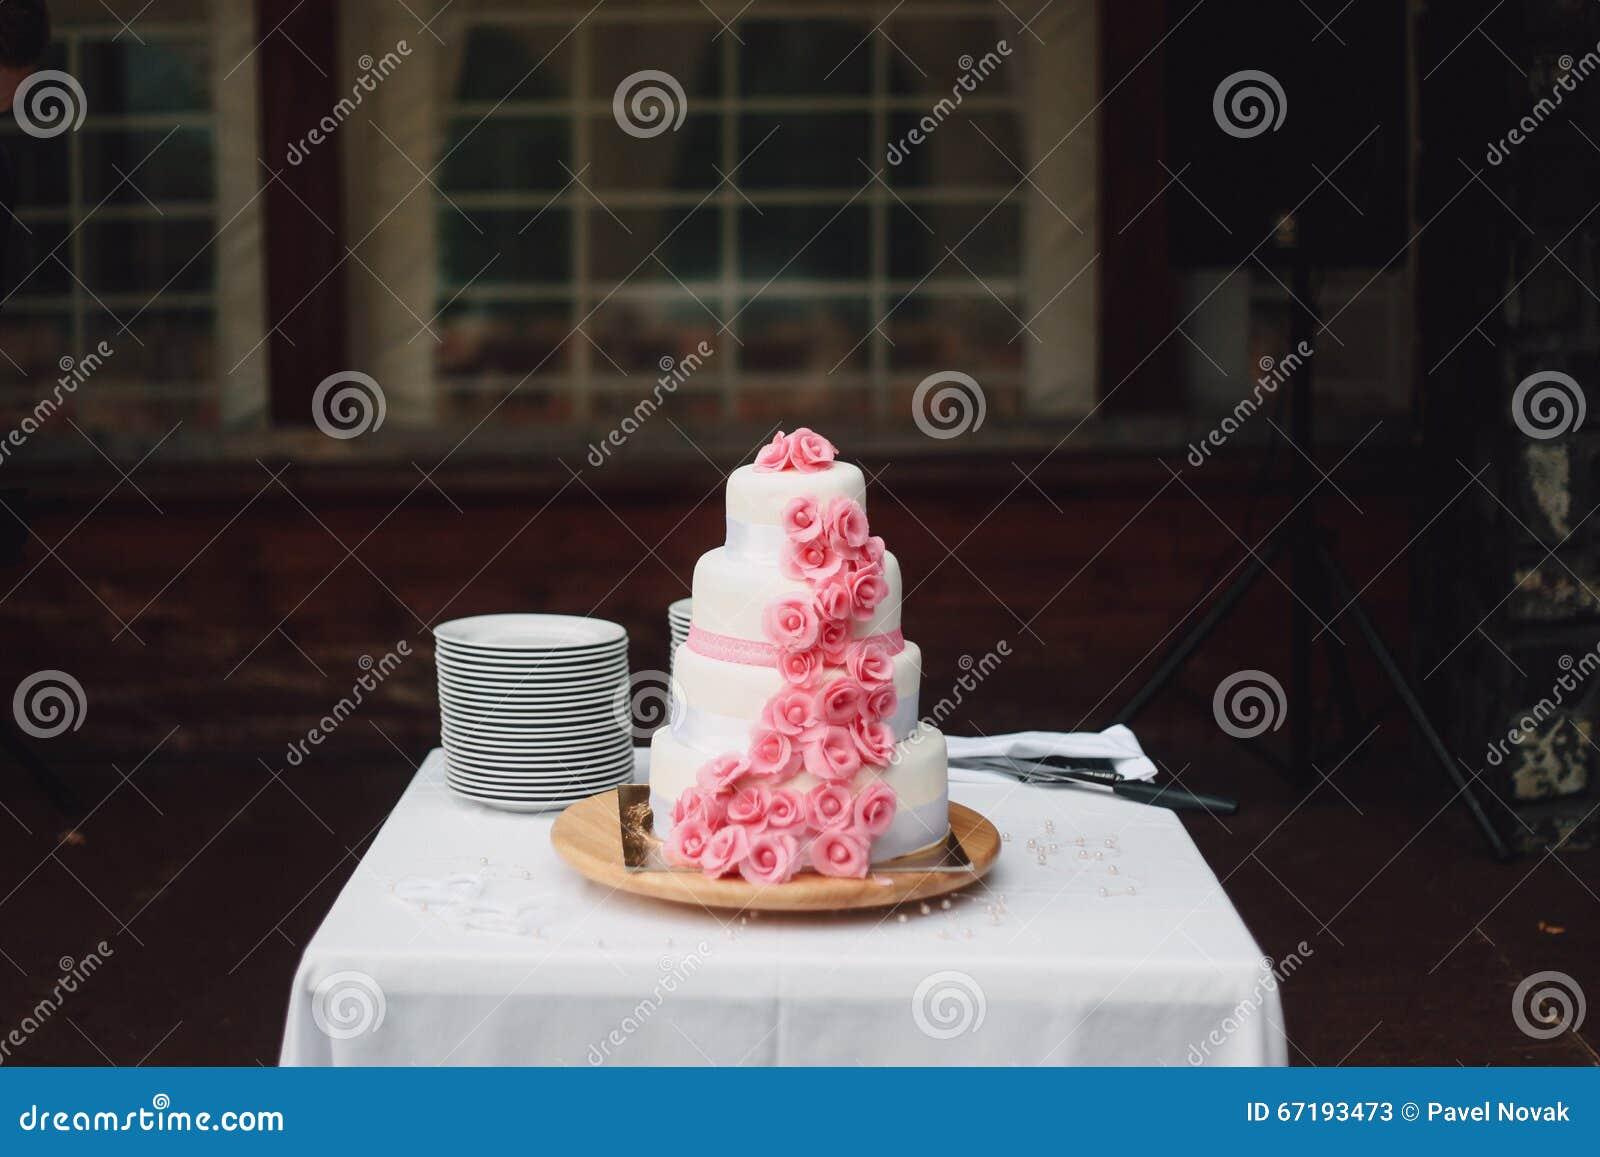 Gâteau de mariage rose blanc avec des roses sur le bureau